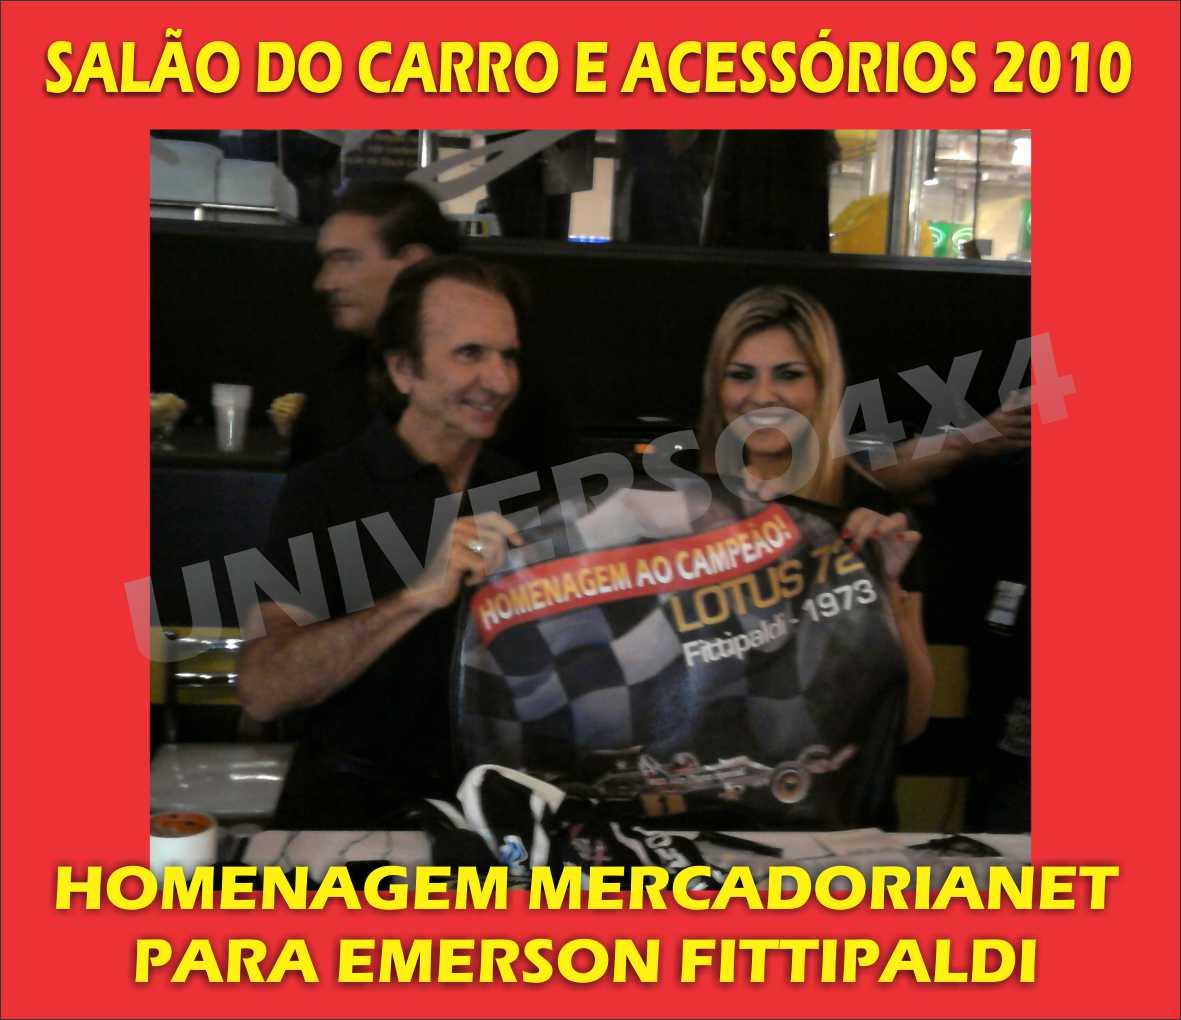 Capa Estepe Ecosport Camaleão M-ROSA